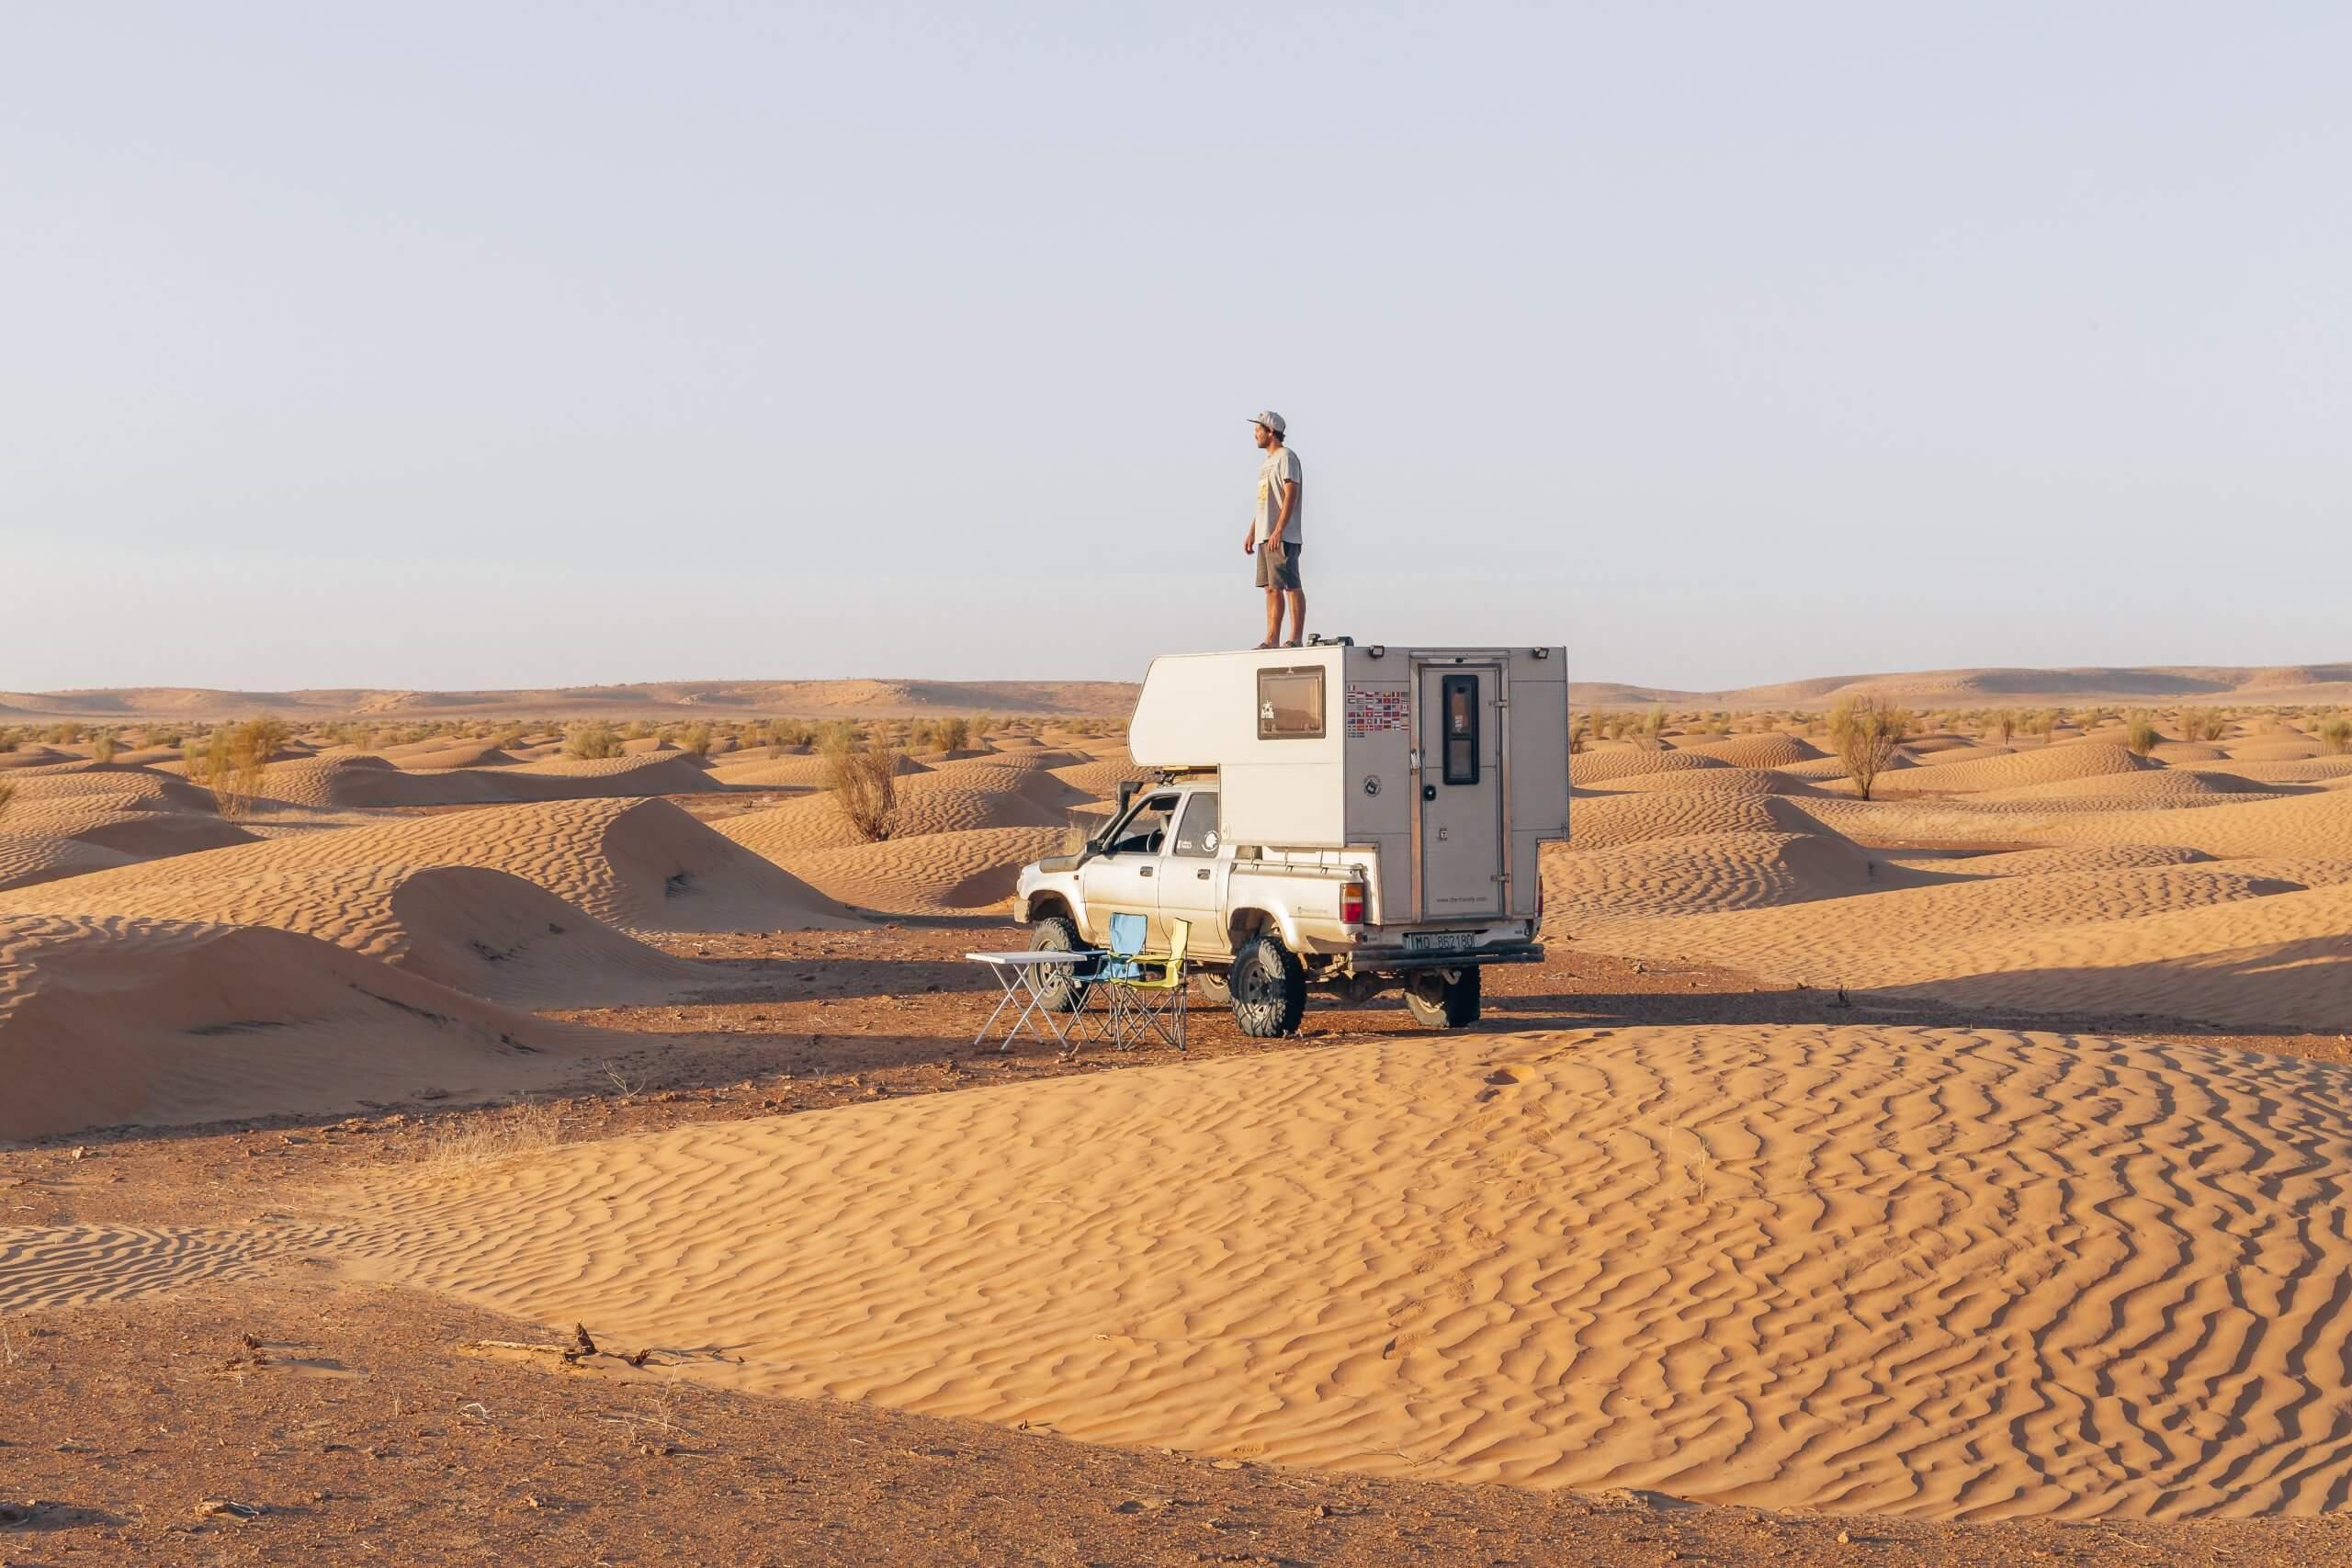 unser Lieblings-Stellplatz in der Wüste Tunesien's